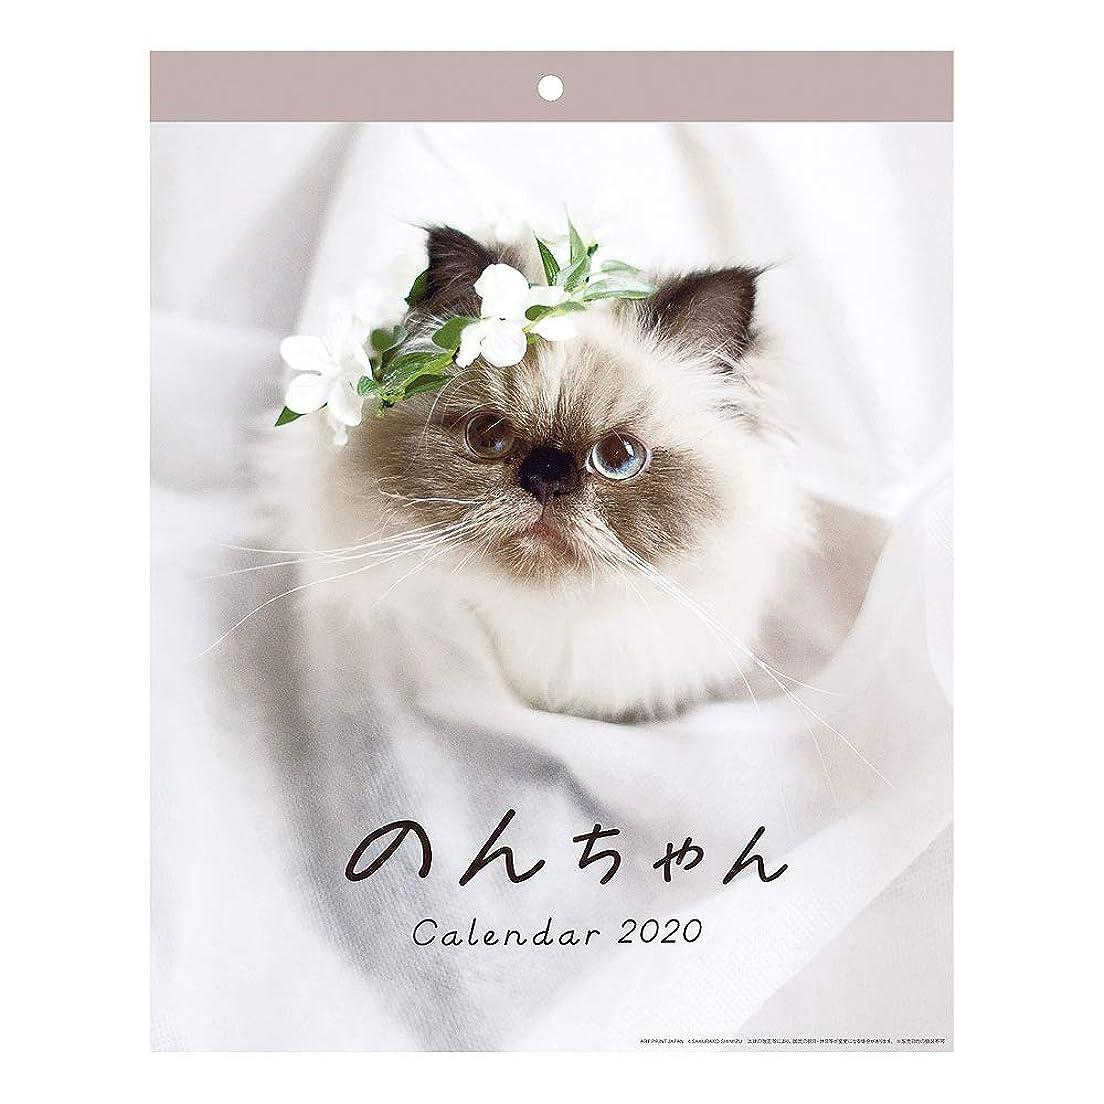 収容するテスピアンシステムアートプリントジャパン 2020年 のんちゃんカレンダー vol.024 1000109233